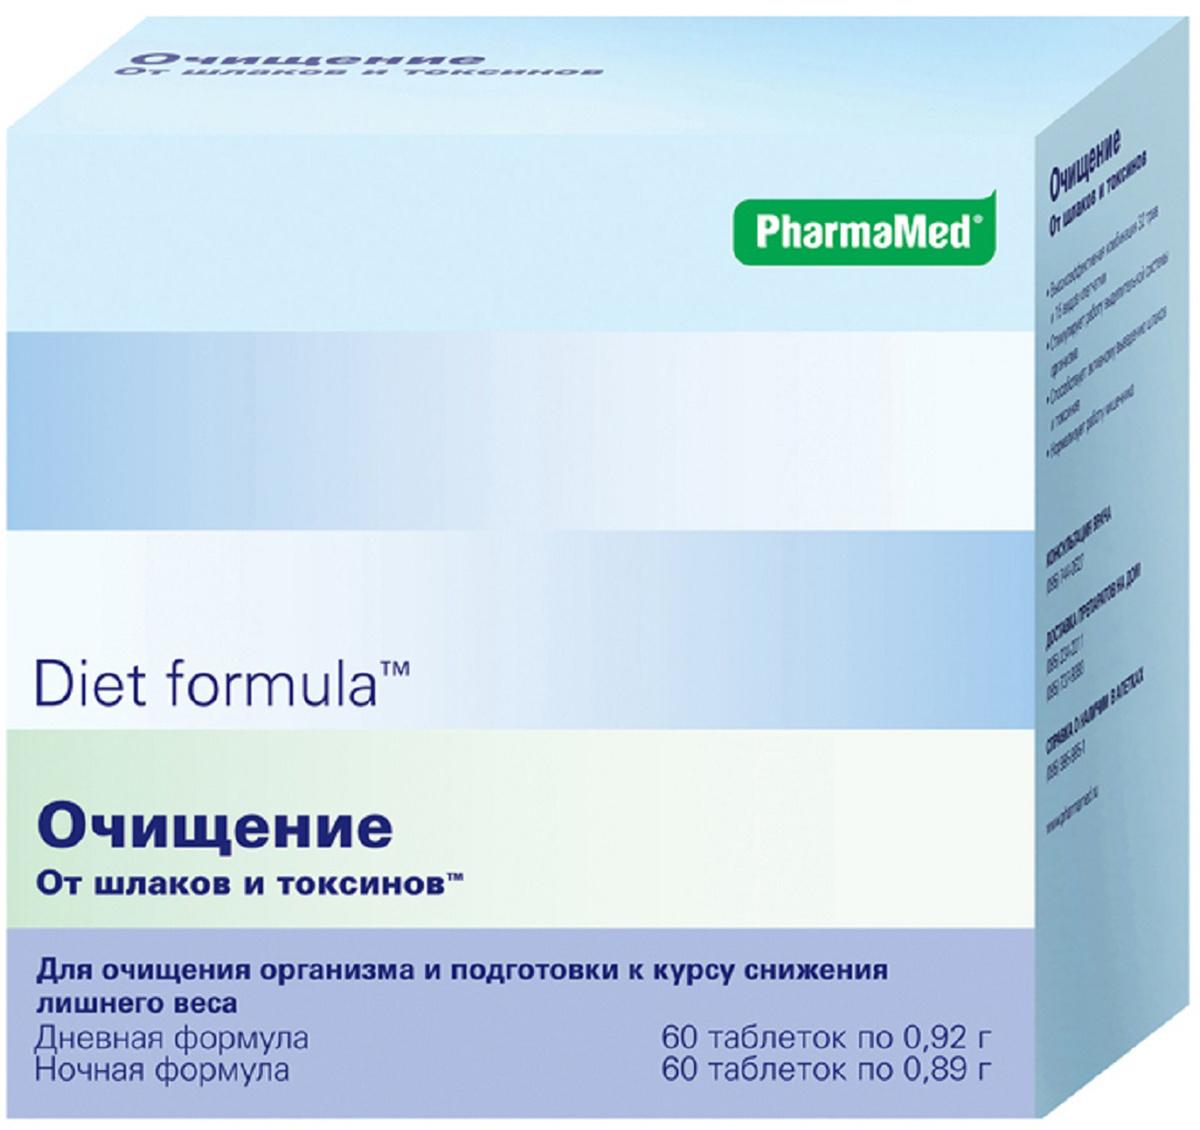 """Таблетки Диет формула """"Очищение от шлаков и токсинов"""", дневная формула, №60, ночная формула №60  #1"""